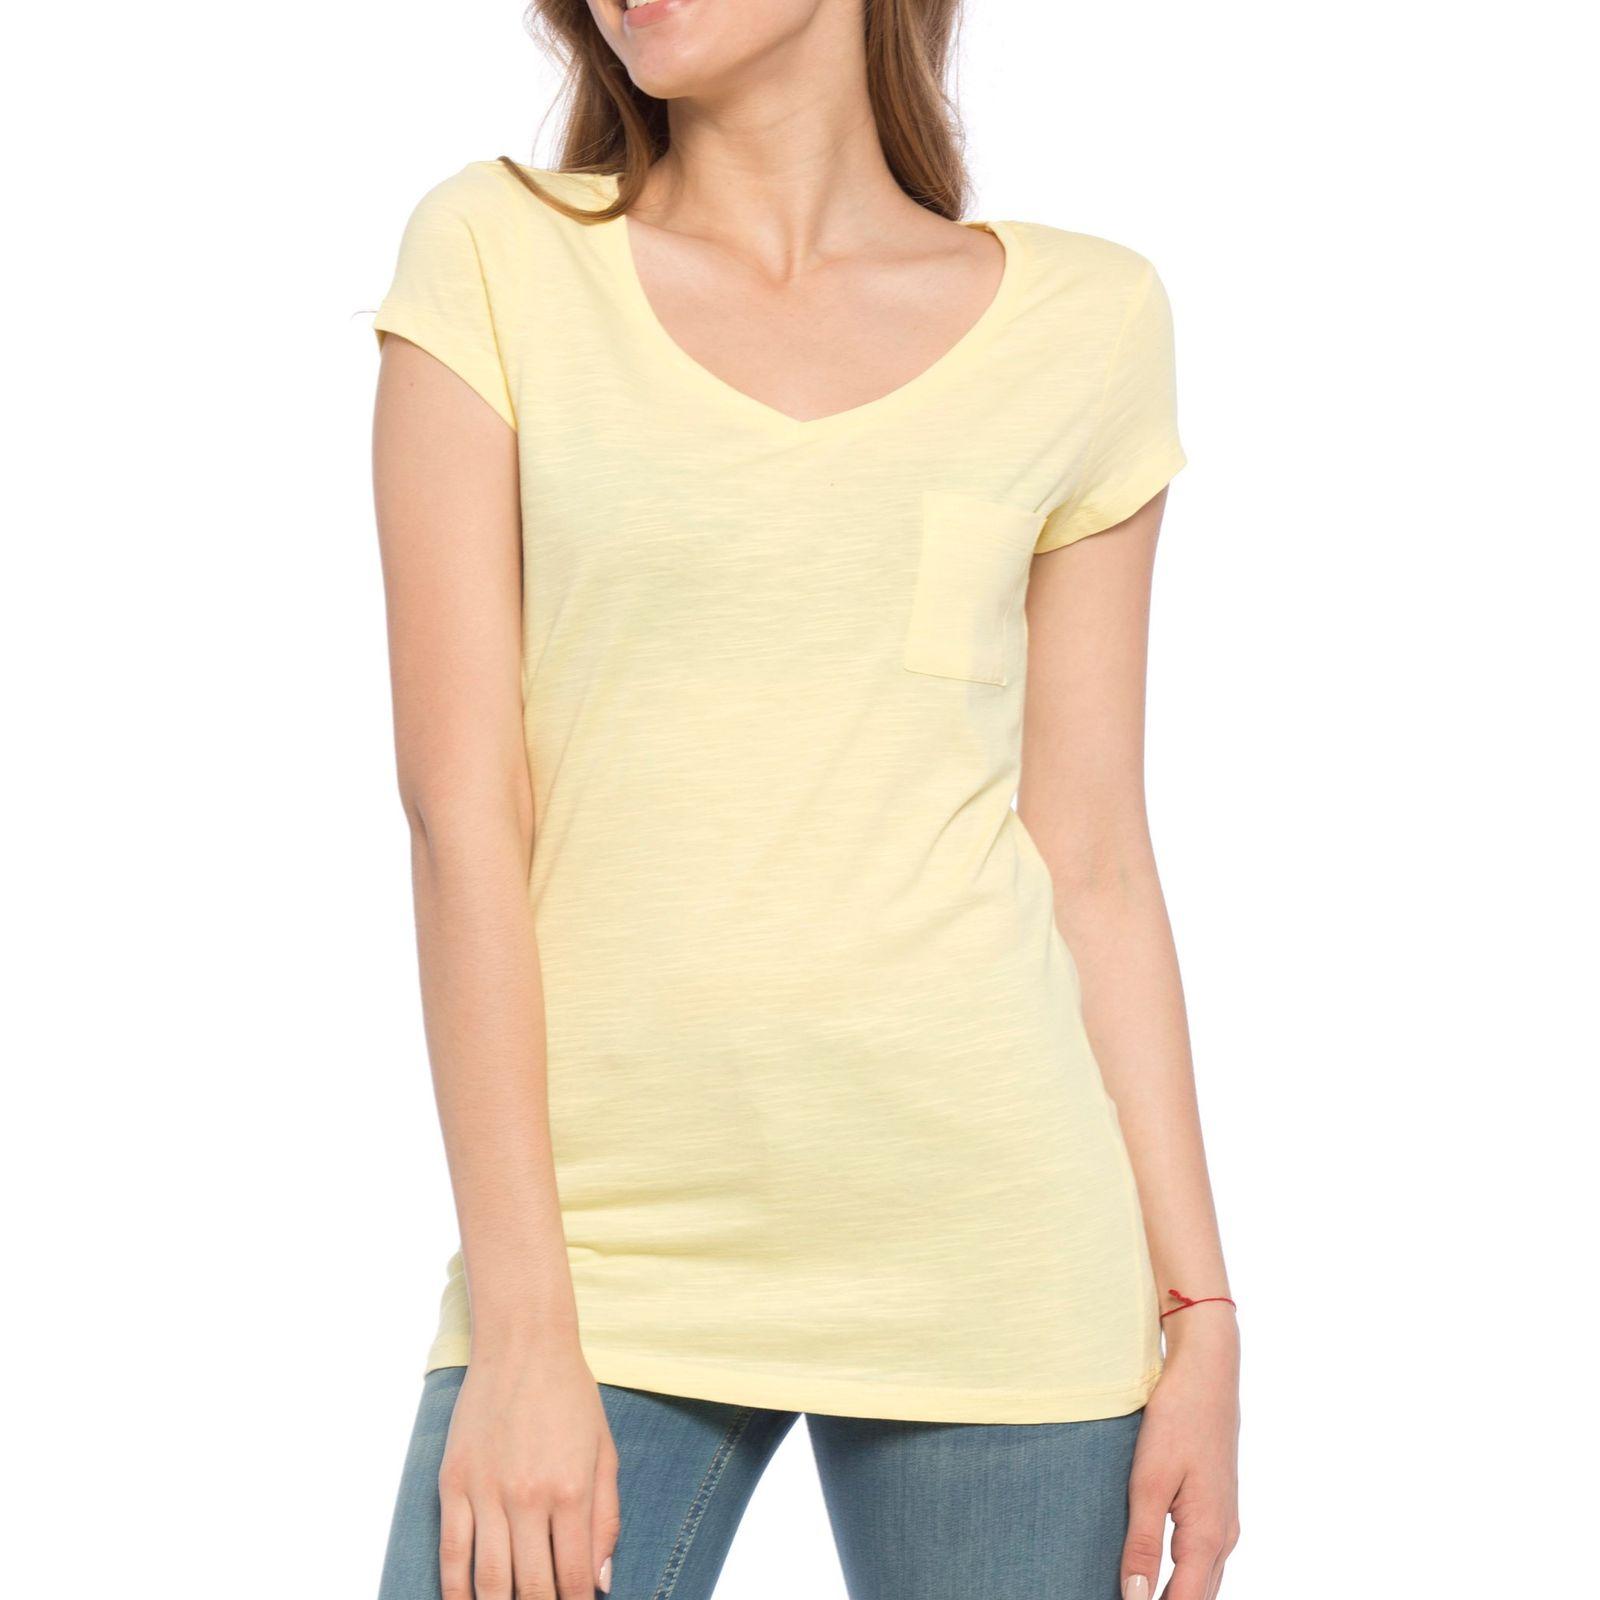 تی شرت نخی یقه هفت زنانه - ال سی وایکیکی - زرد - 1